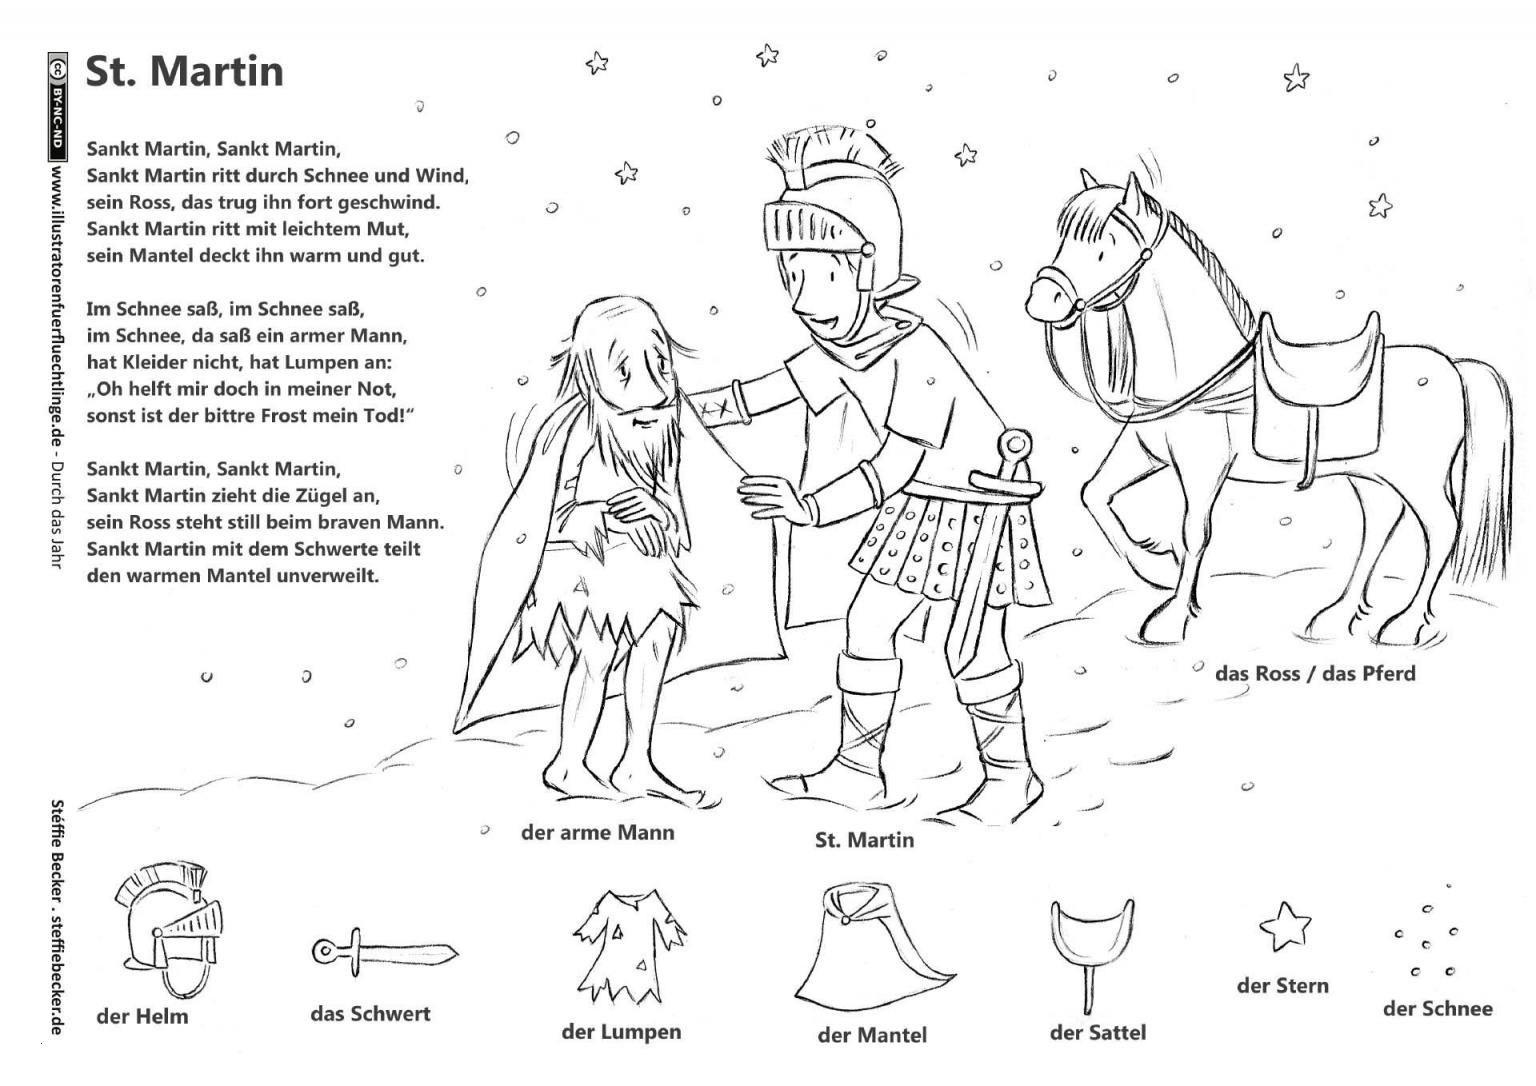 Eulen Auf ast Malvorlagen Frisch 38 Ausmalbilder Winter Gratis Scoredatscore Elegant Eulen Auf ast Bilder